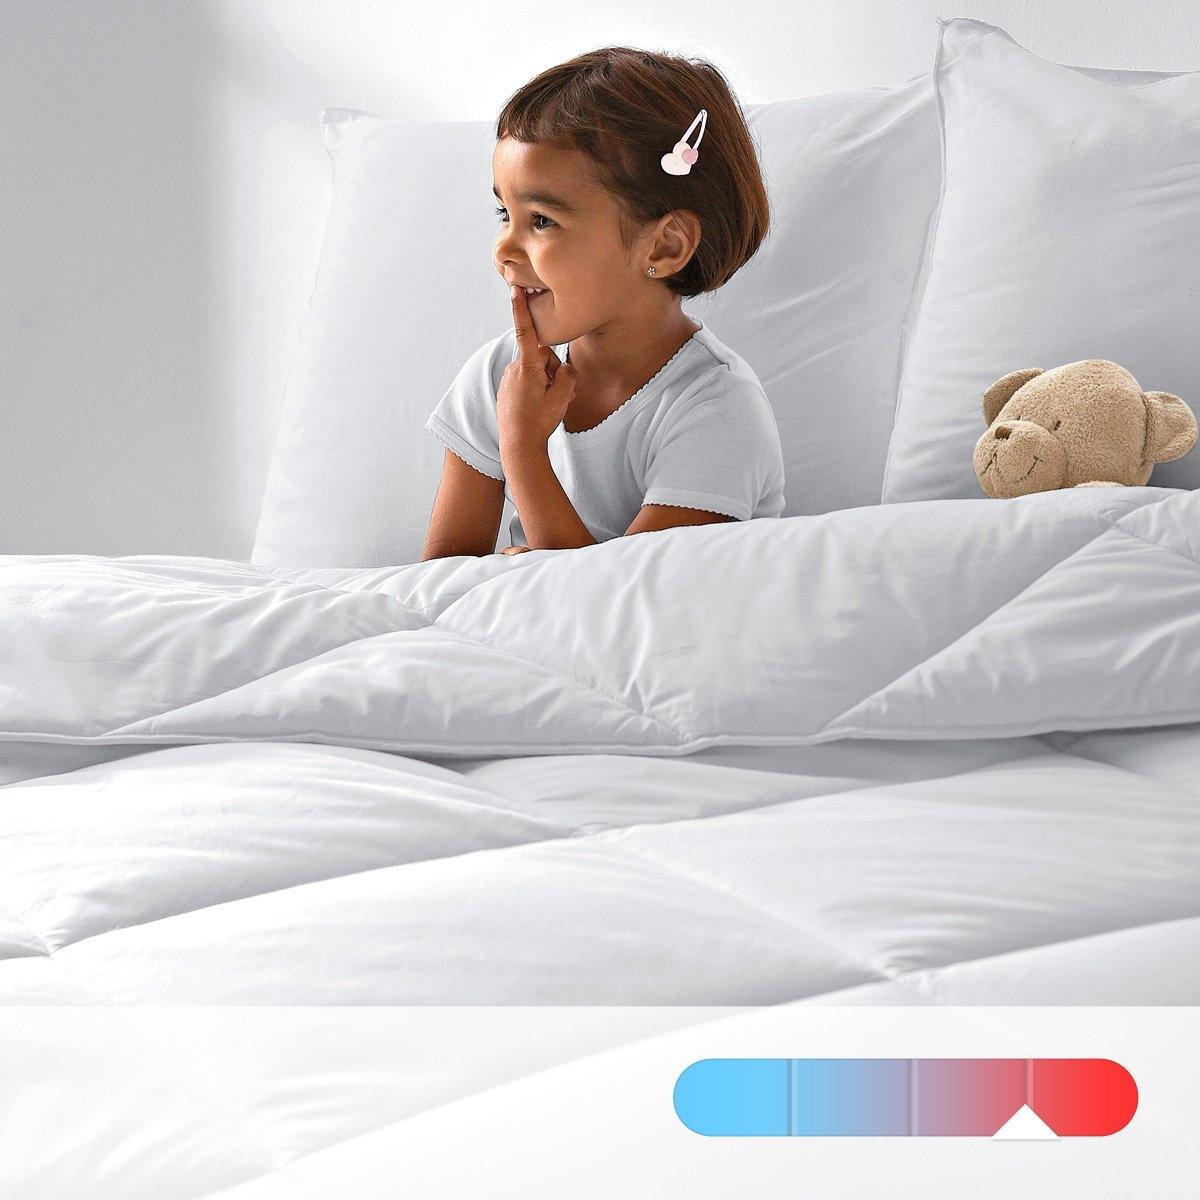 Одеяло LA REDOUTE CREATION, 500 г/м?Не вызывающее аллергии одеяло : пропитка Aegis - настоящий щит от бактерий, клещей и плесени, действующий длительное время внутри волокна   .Характеристики       Наполнитель 100% полых волокон полиэстера. Чехол: 100% хлопка с обработкой Aegis, обеспечивающей свежесть и идеальную гигиену. Отделка кантом. Простежка квадратами по диагонали. Стирка при 40°, возможна машинная сушка при умеренной температуре. Идеально при температуре в комнате 12-15°.: Наполнитель 100% полых волокон полиэстера. 500 г/м? . Чехол: 100% хлопка с обработкой Aegis, обеспечивающей свежесть и идеальную гигиену . Изделие прошло биообработку  .Отделка бейкой.Узор в клетку по диагонали .Уход: : стирка при 40°, возможна барабанная сушка на умеренной температуре . Идеально для комнат с температурой от  12 до 15°.<br><br>Цвет: белый<br>Размер: 240 x 220  см.260 x 240  см